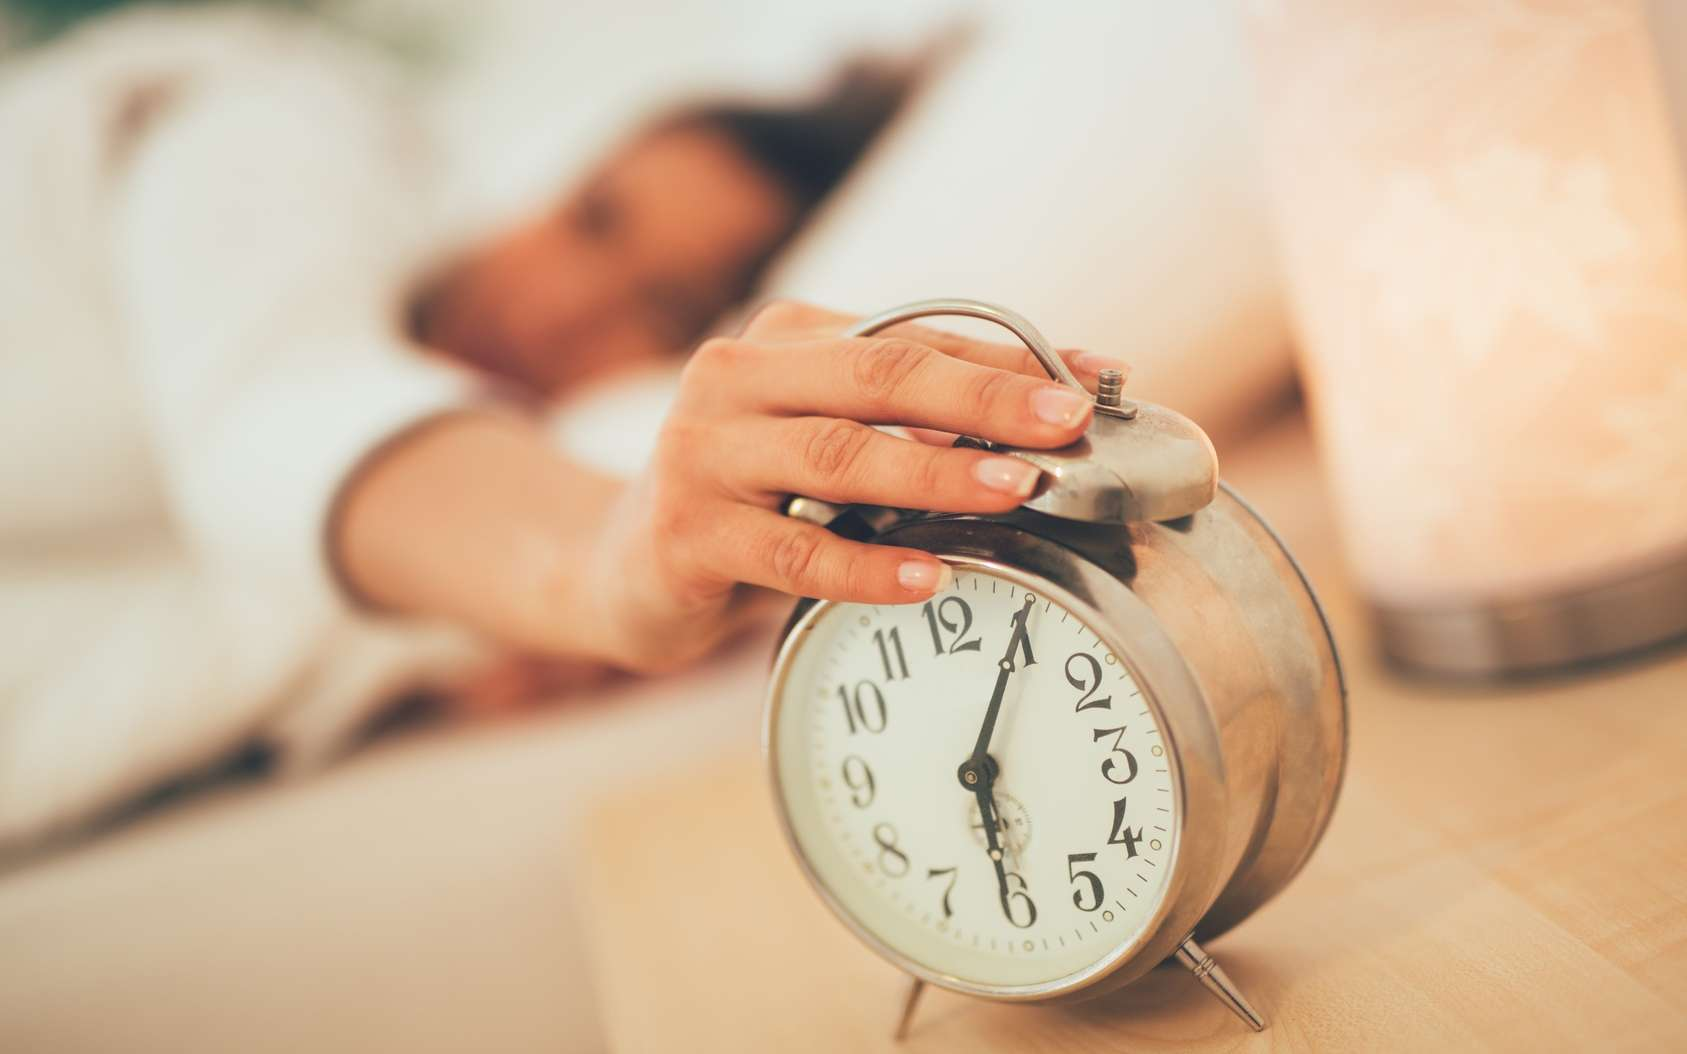 Les lève-tôt sont plus efficaces le matin. © milanmarkovic78, Fotolia